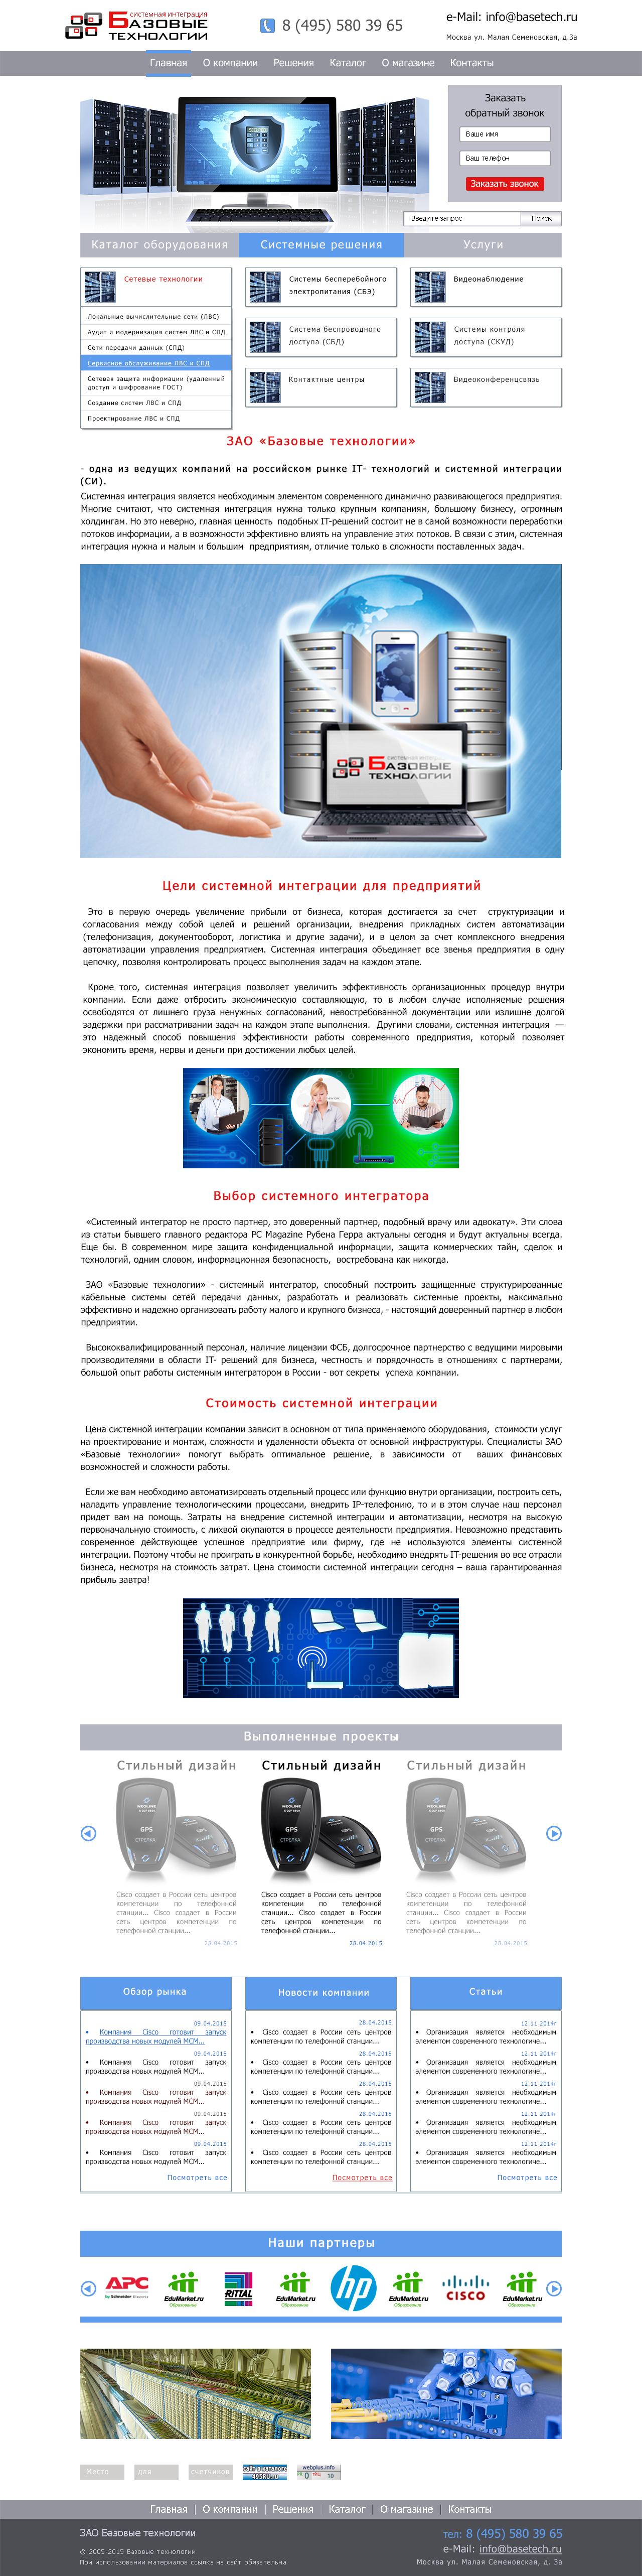 Дизайн сайта Базовые технологии. Системная интеграция.